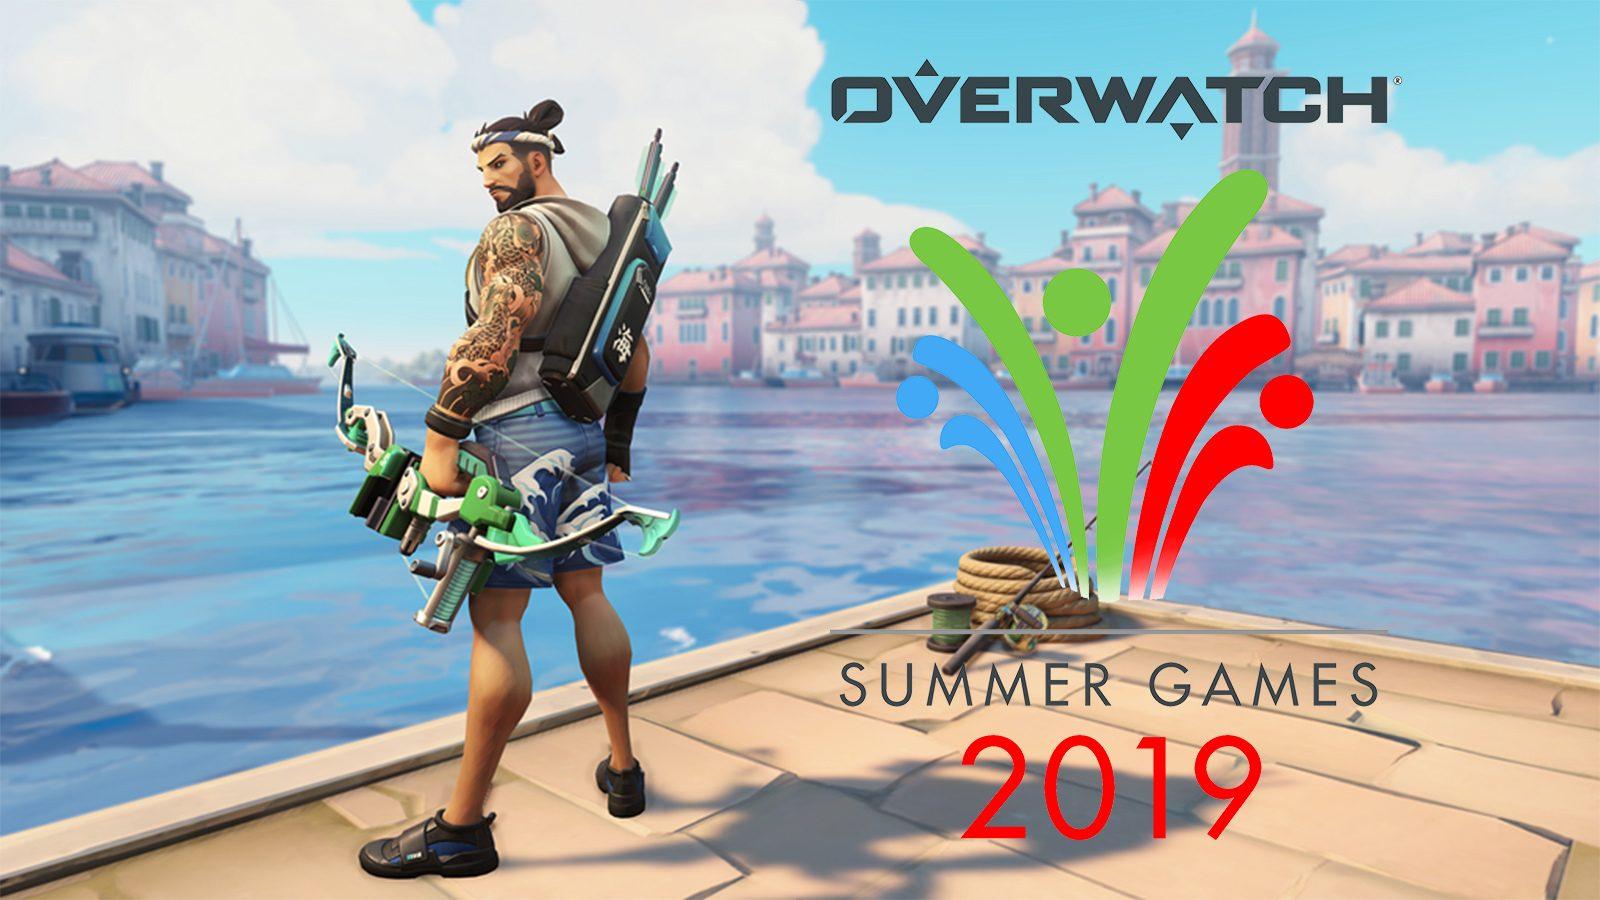 Overwatch Summer Games 2019 1